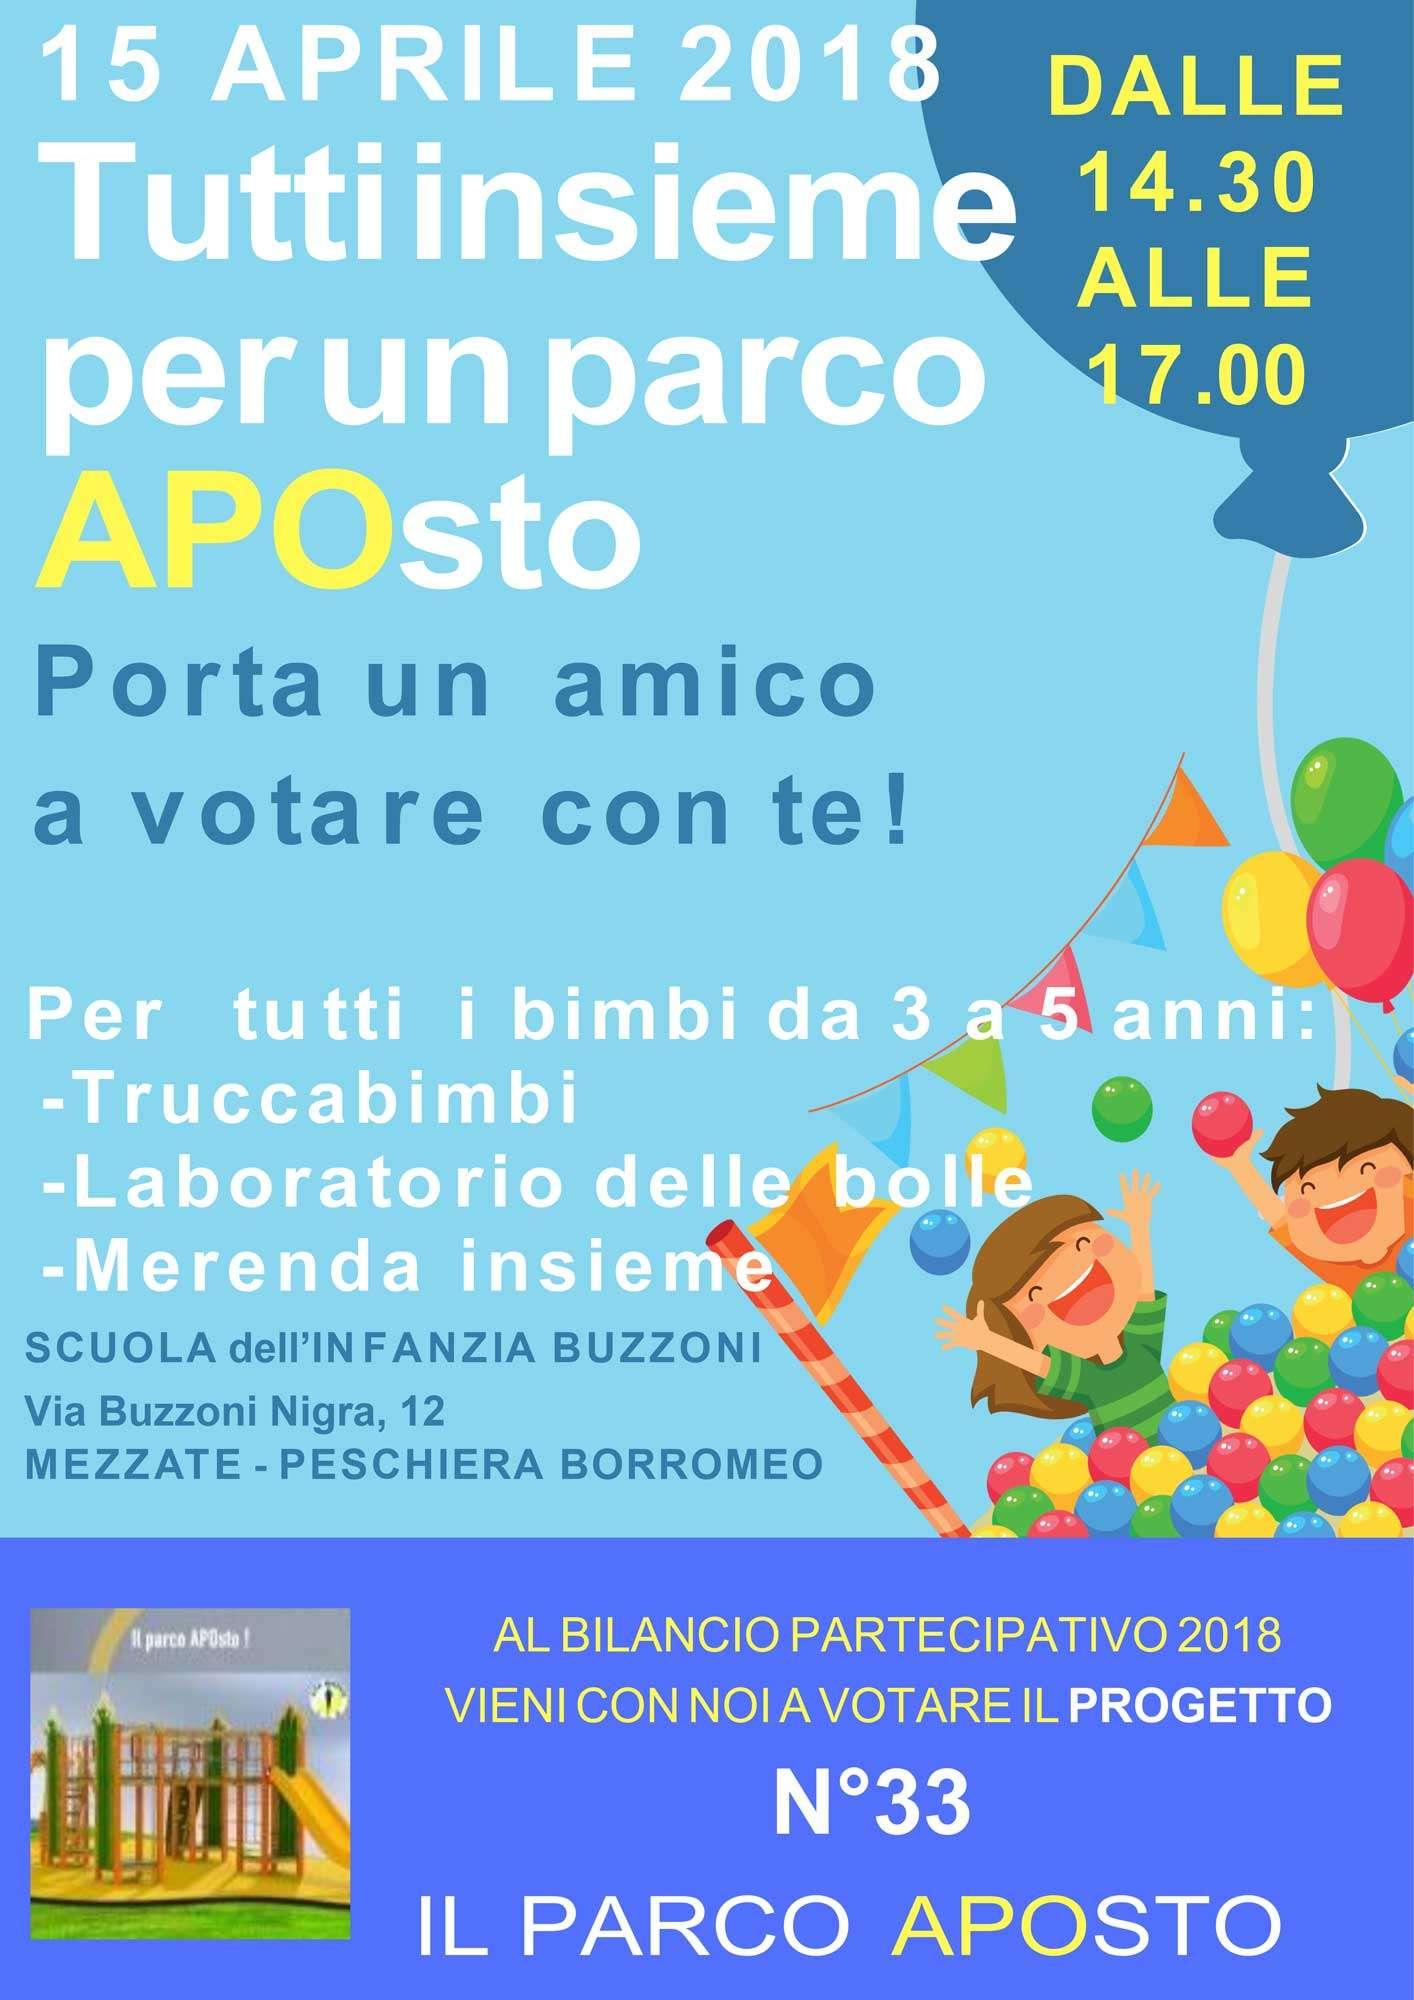 Tutti insieme per un parco APOsto - Scuola Materna Peschiera Borromeo